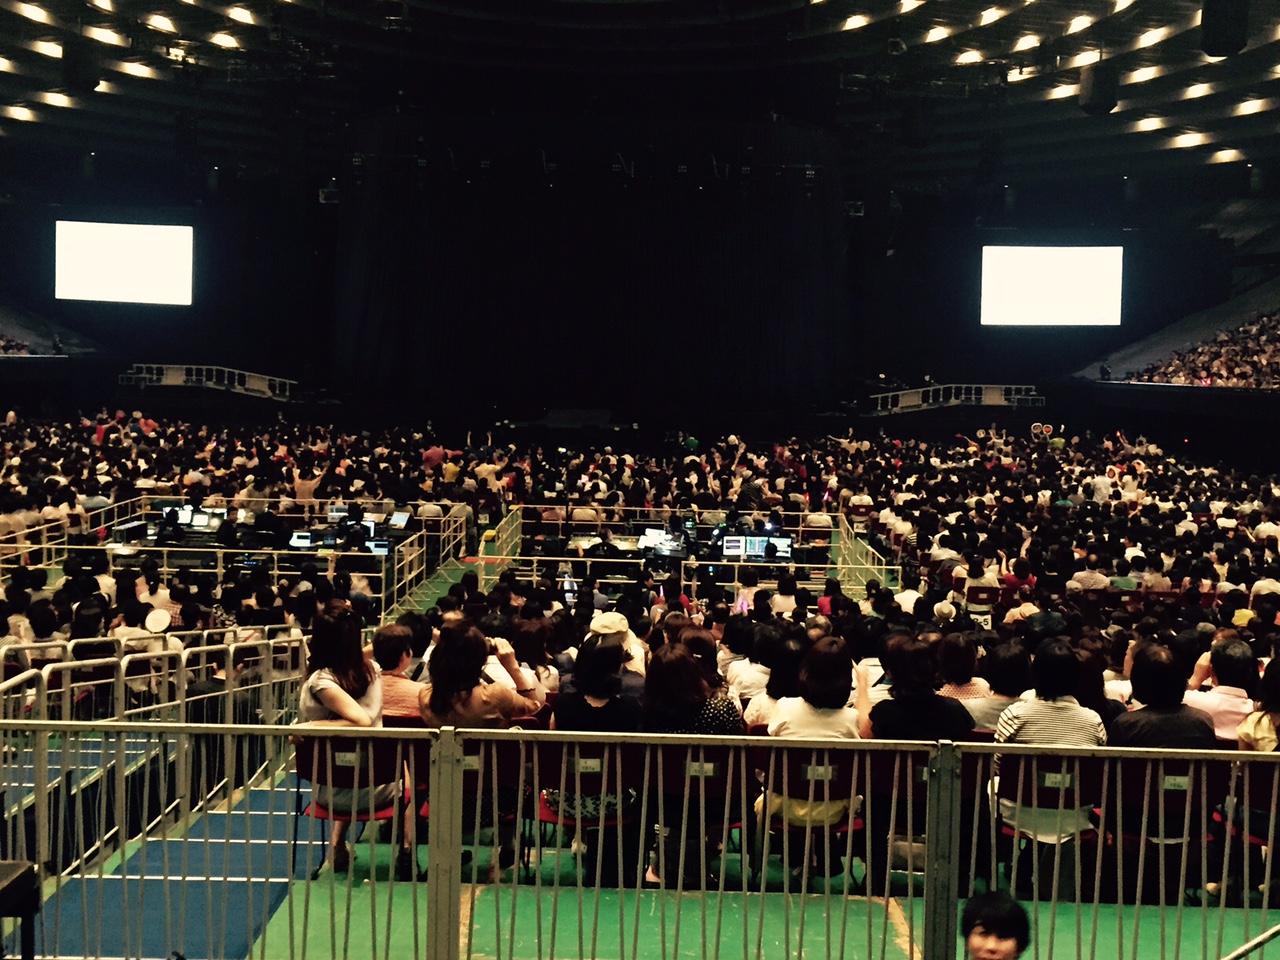 松田聖子 コンサート_c0223630_17403360.jpg